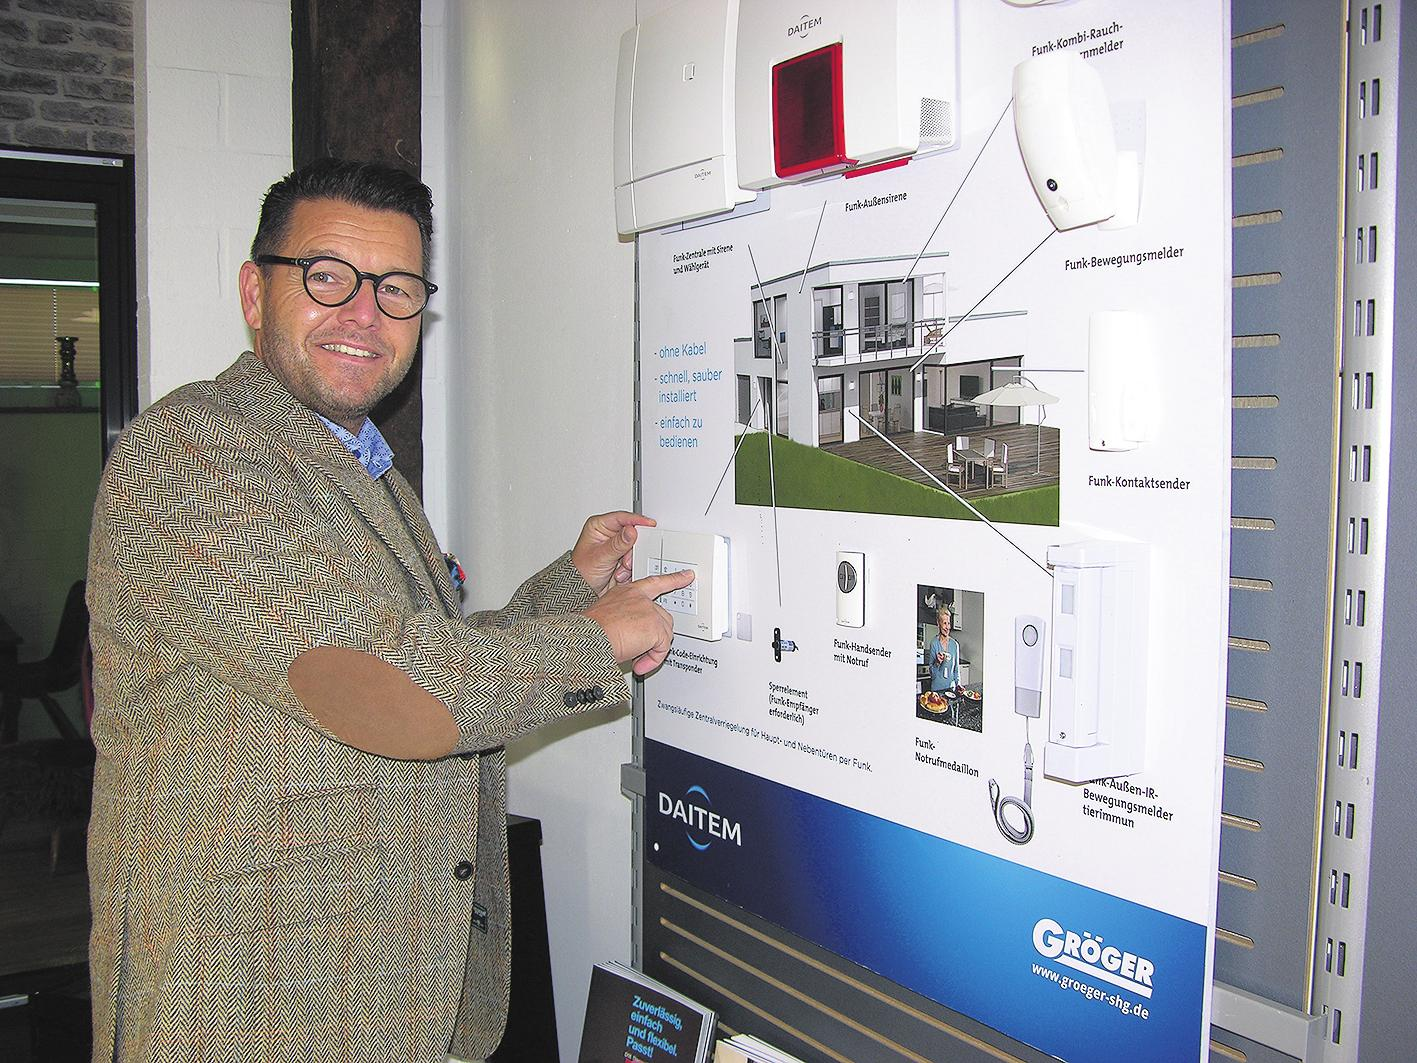 Frank Gröger weiß, wie sich die eigenen vier Wände effektiv vor Einbrechern schützen lassen – zum Beispiel mit Funk-Alarmsystemen. FOTO: HB